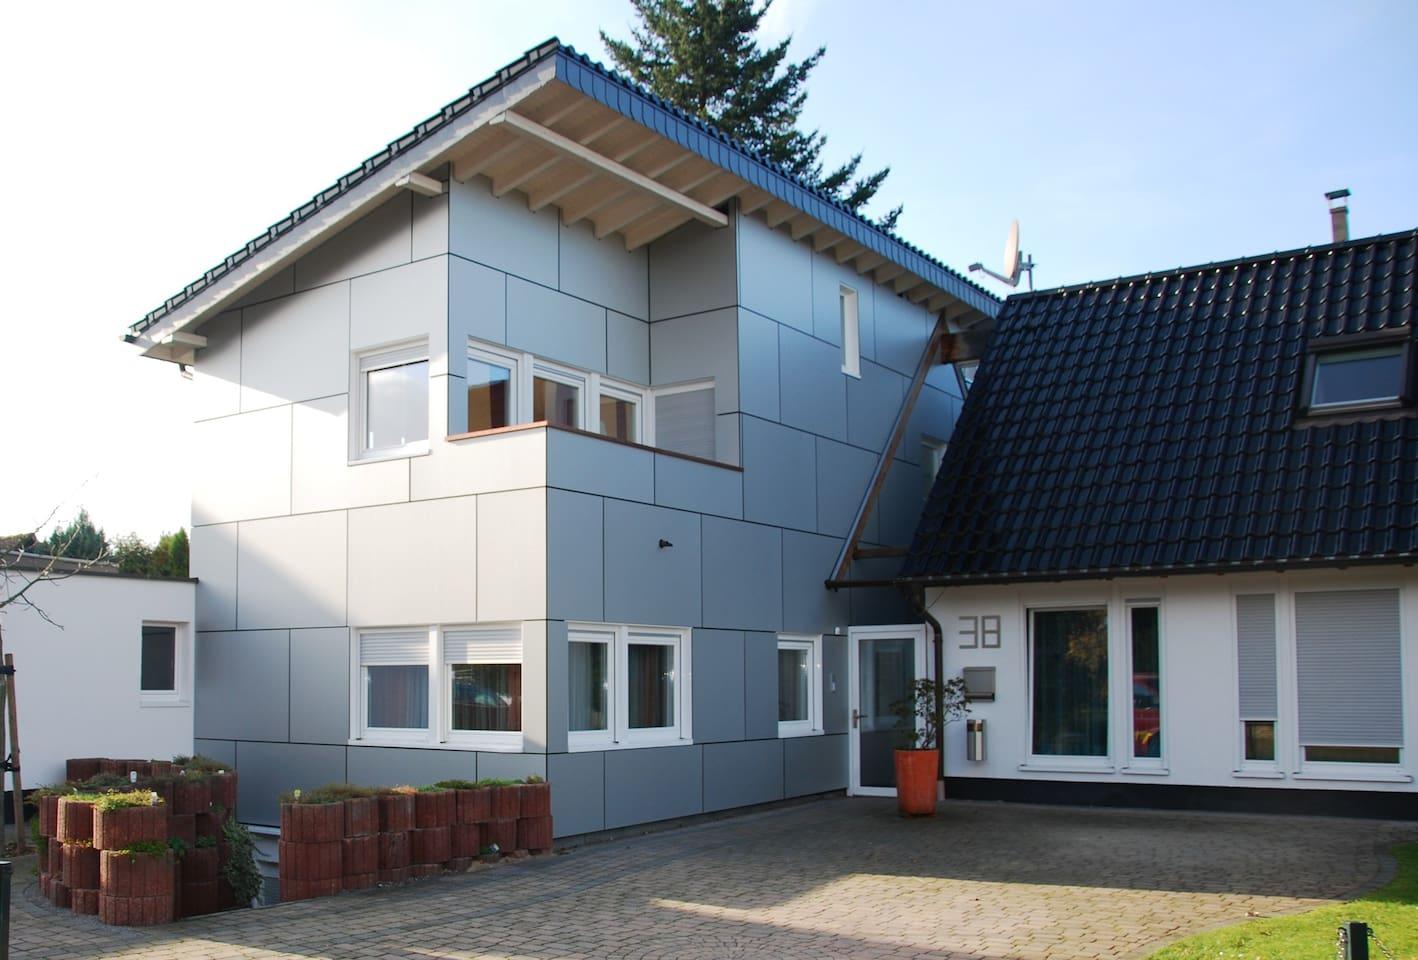 www.stay-dus.de